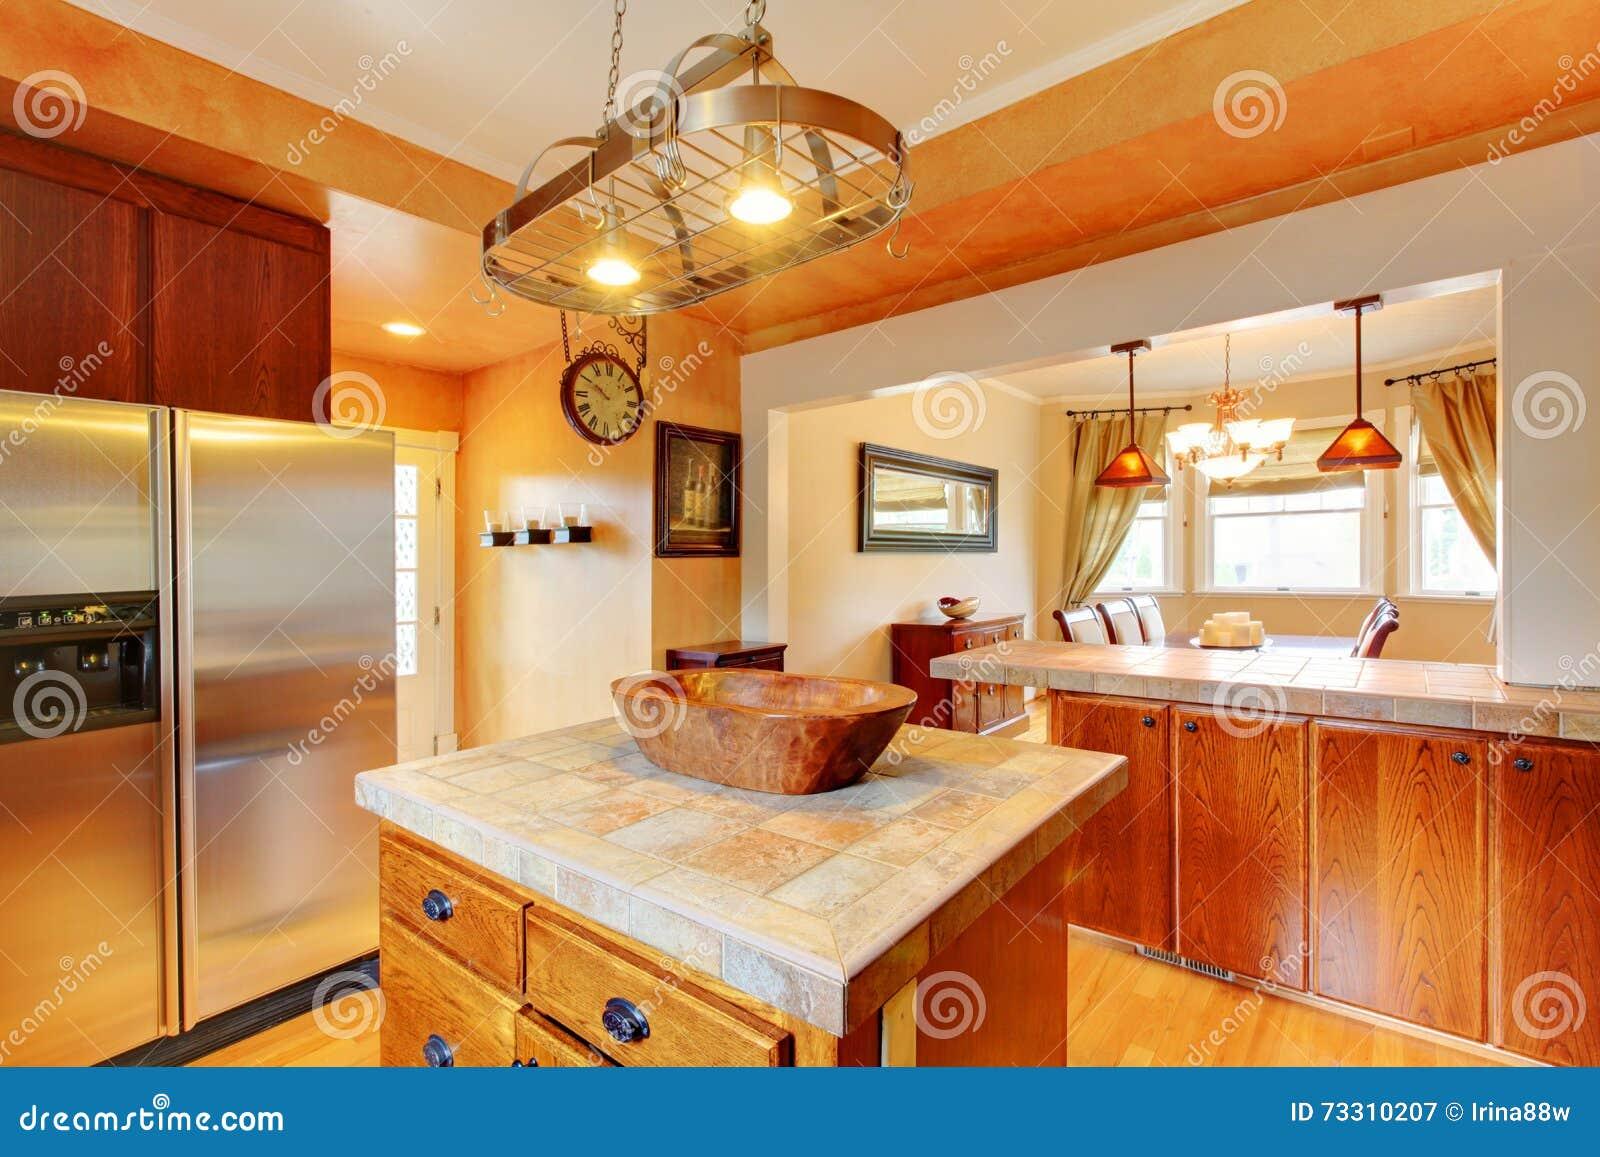 Tables Manger Dans Cuisine : Pièce de cuisine avec l � le et la table salle à manger